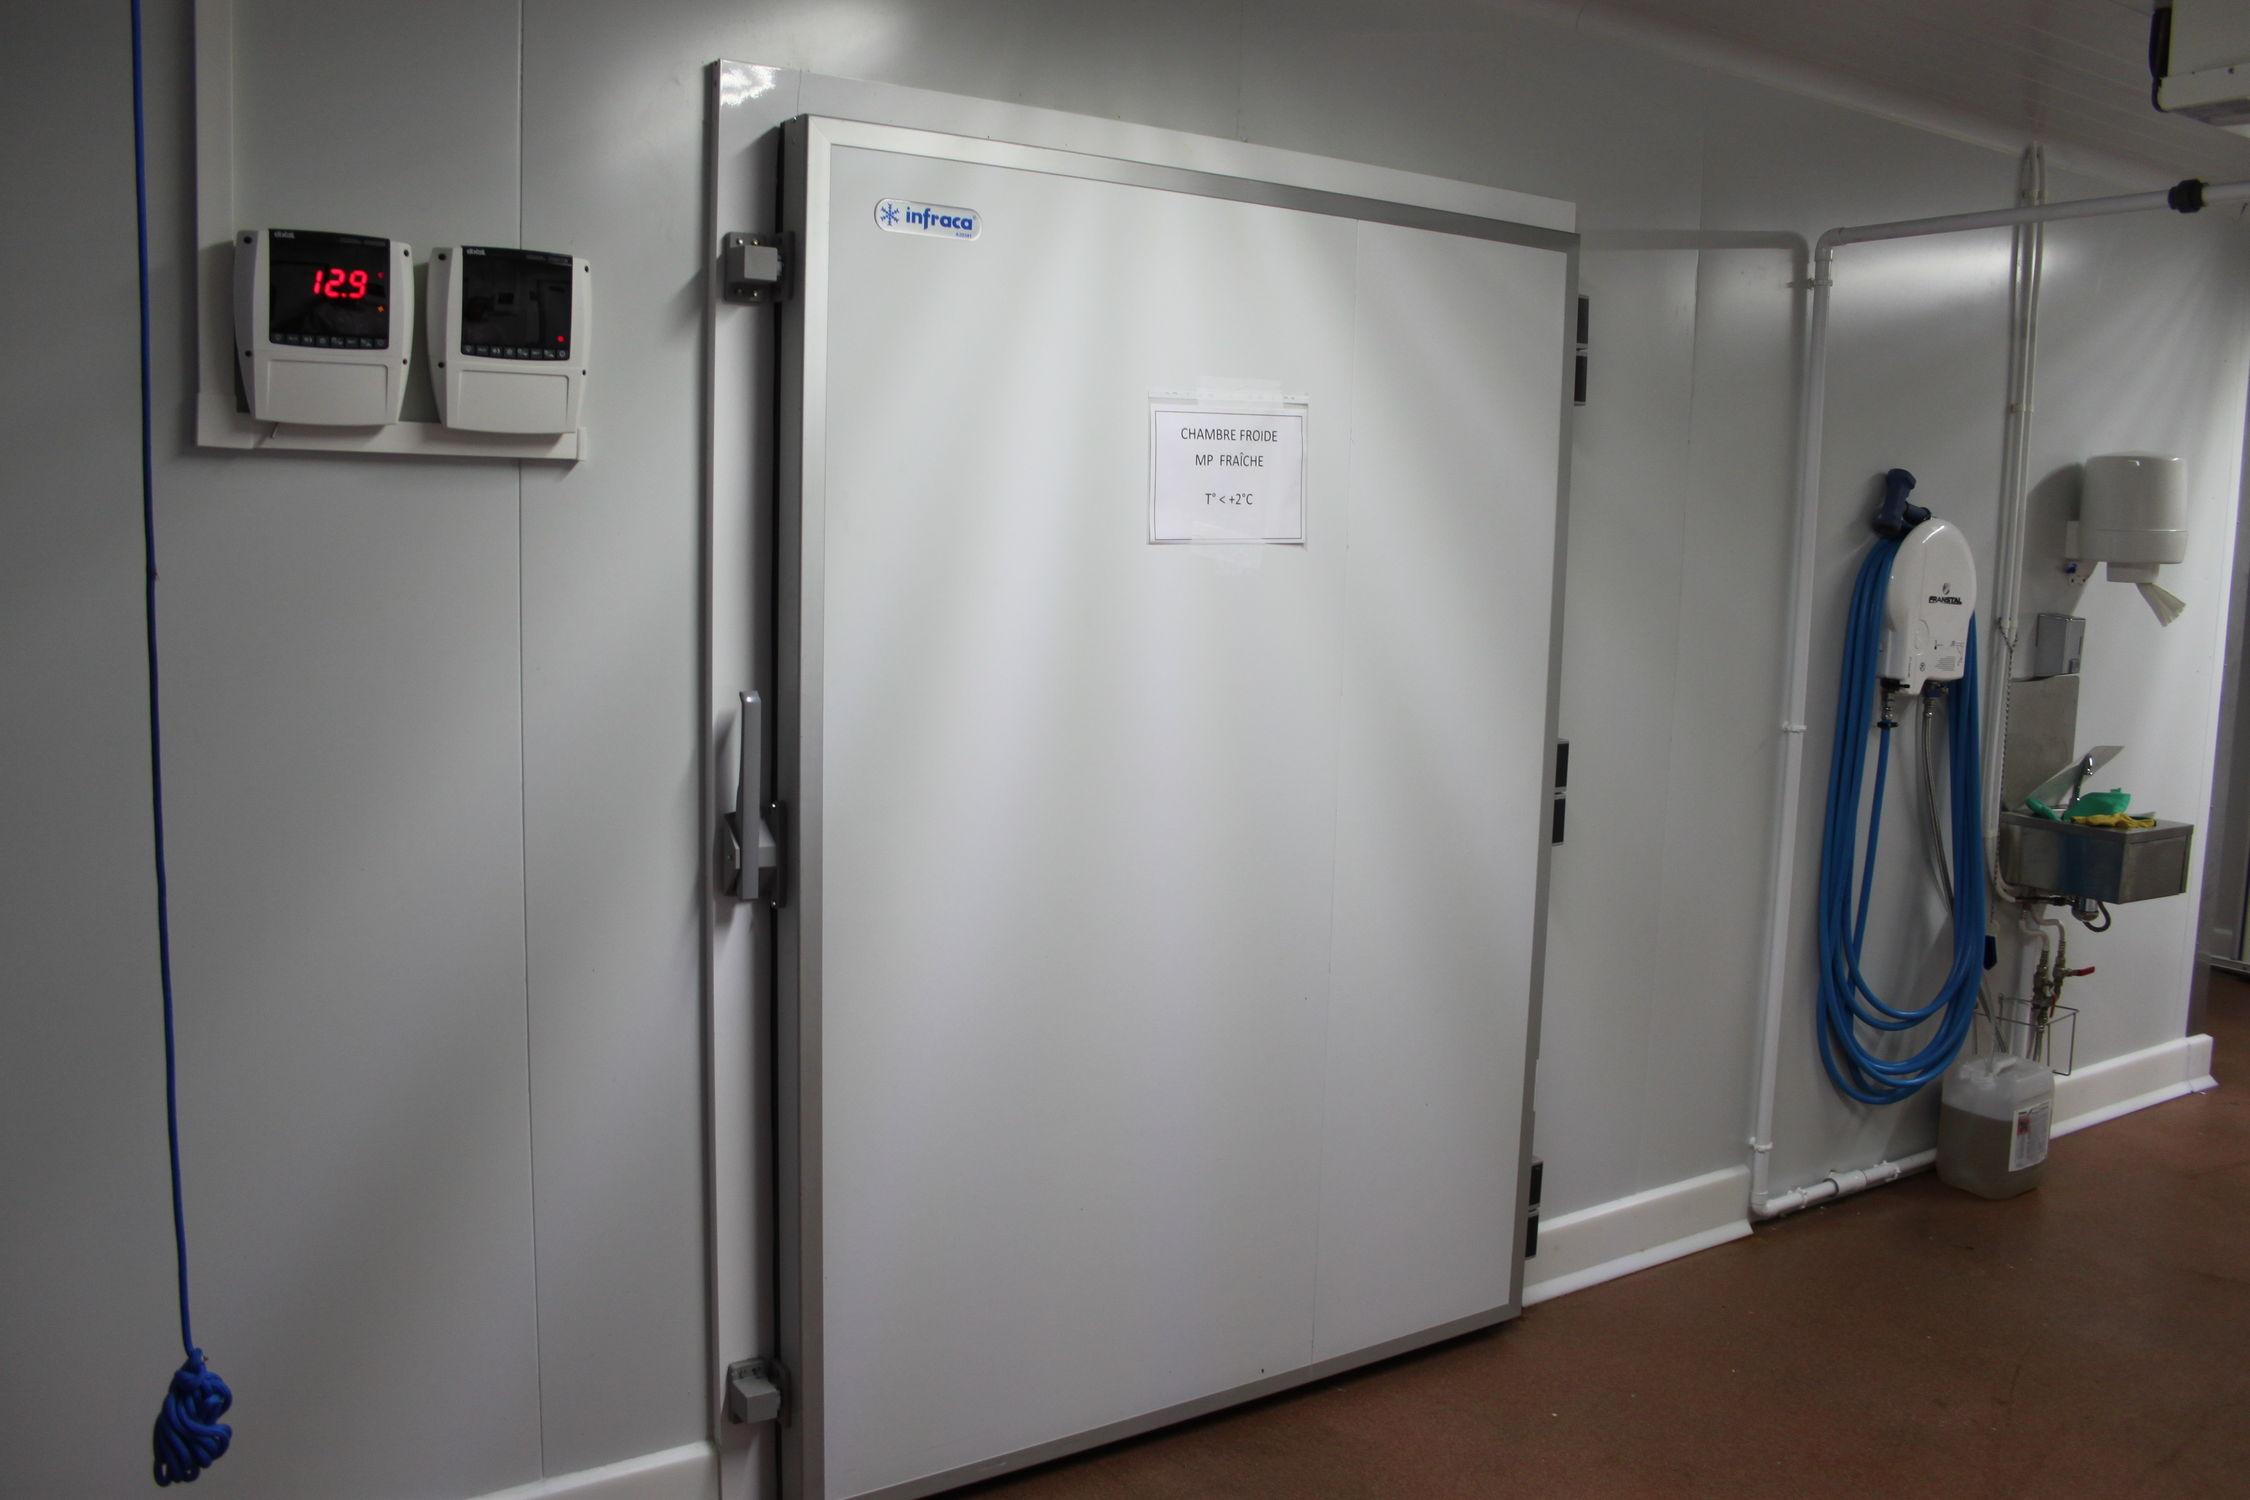 Chambre froide : avant de passer une commande de chambre froide